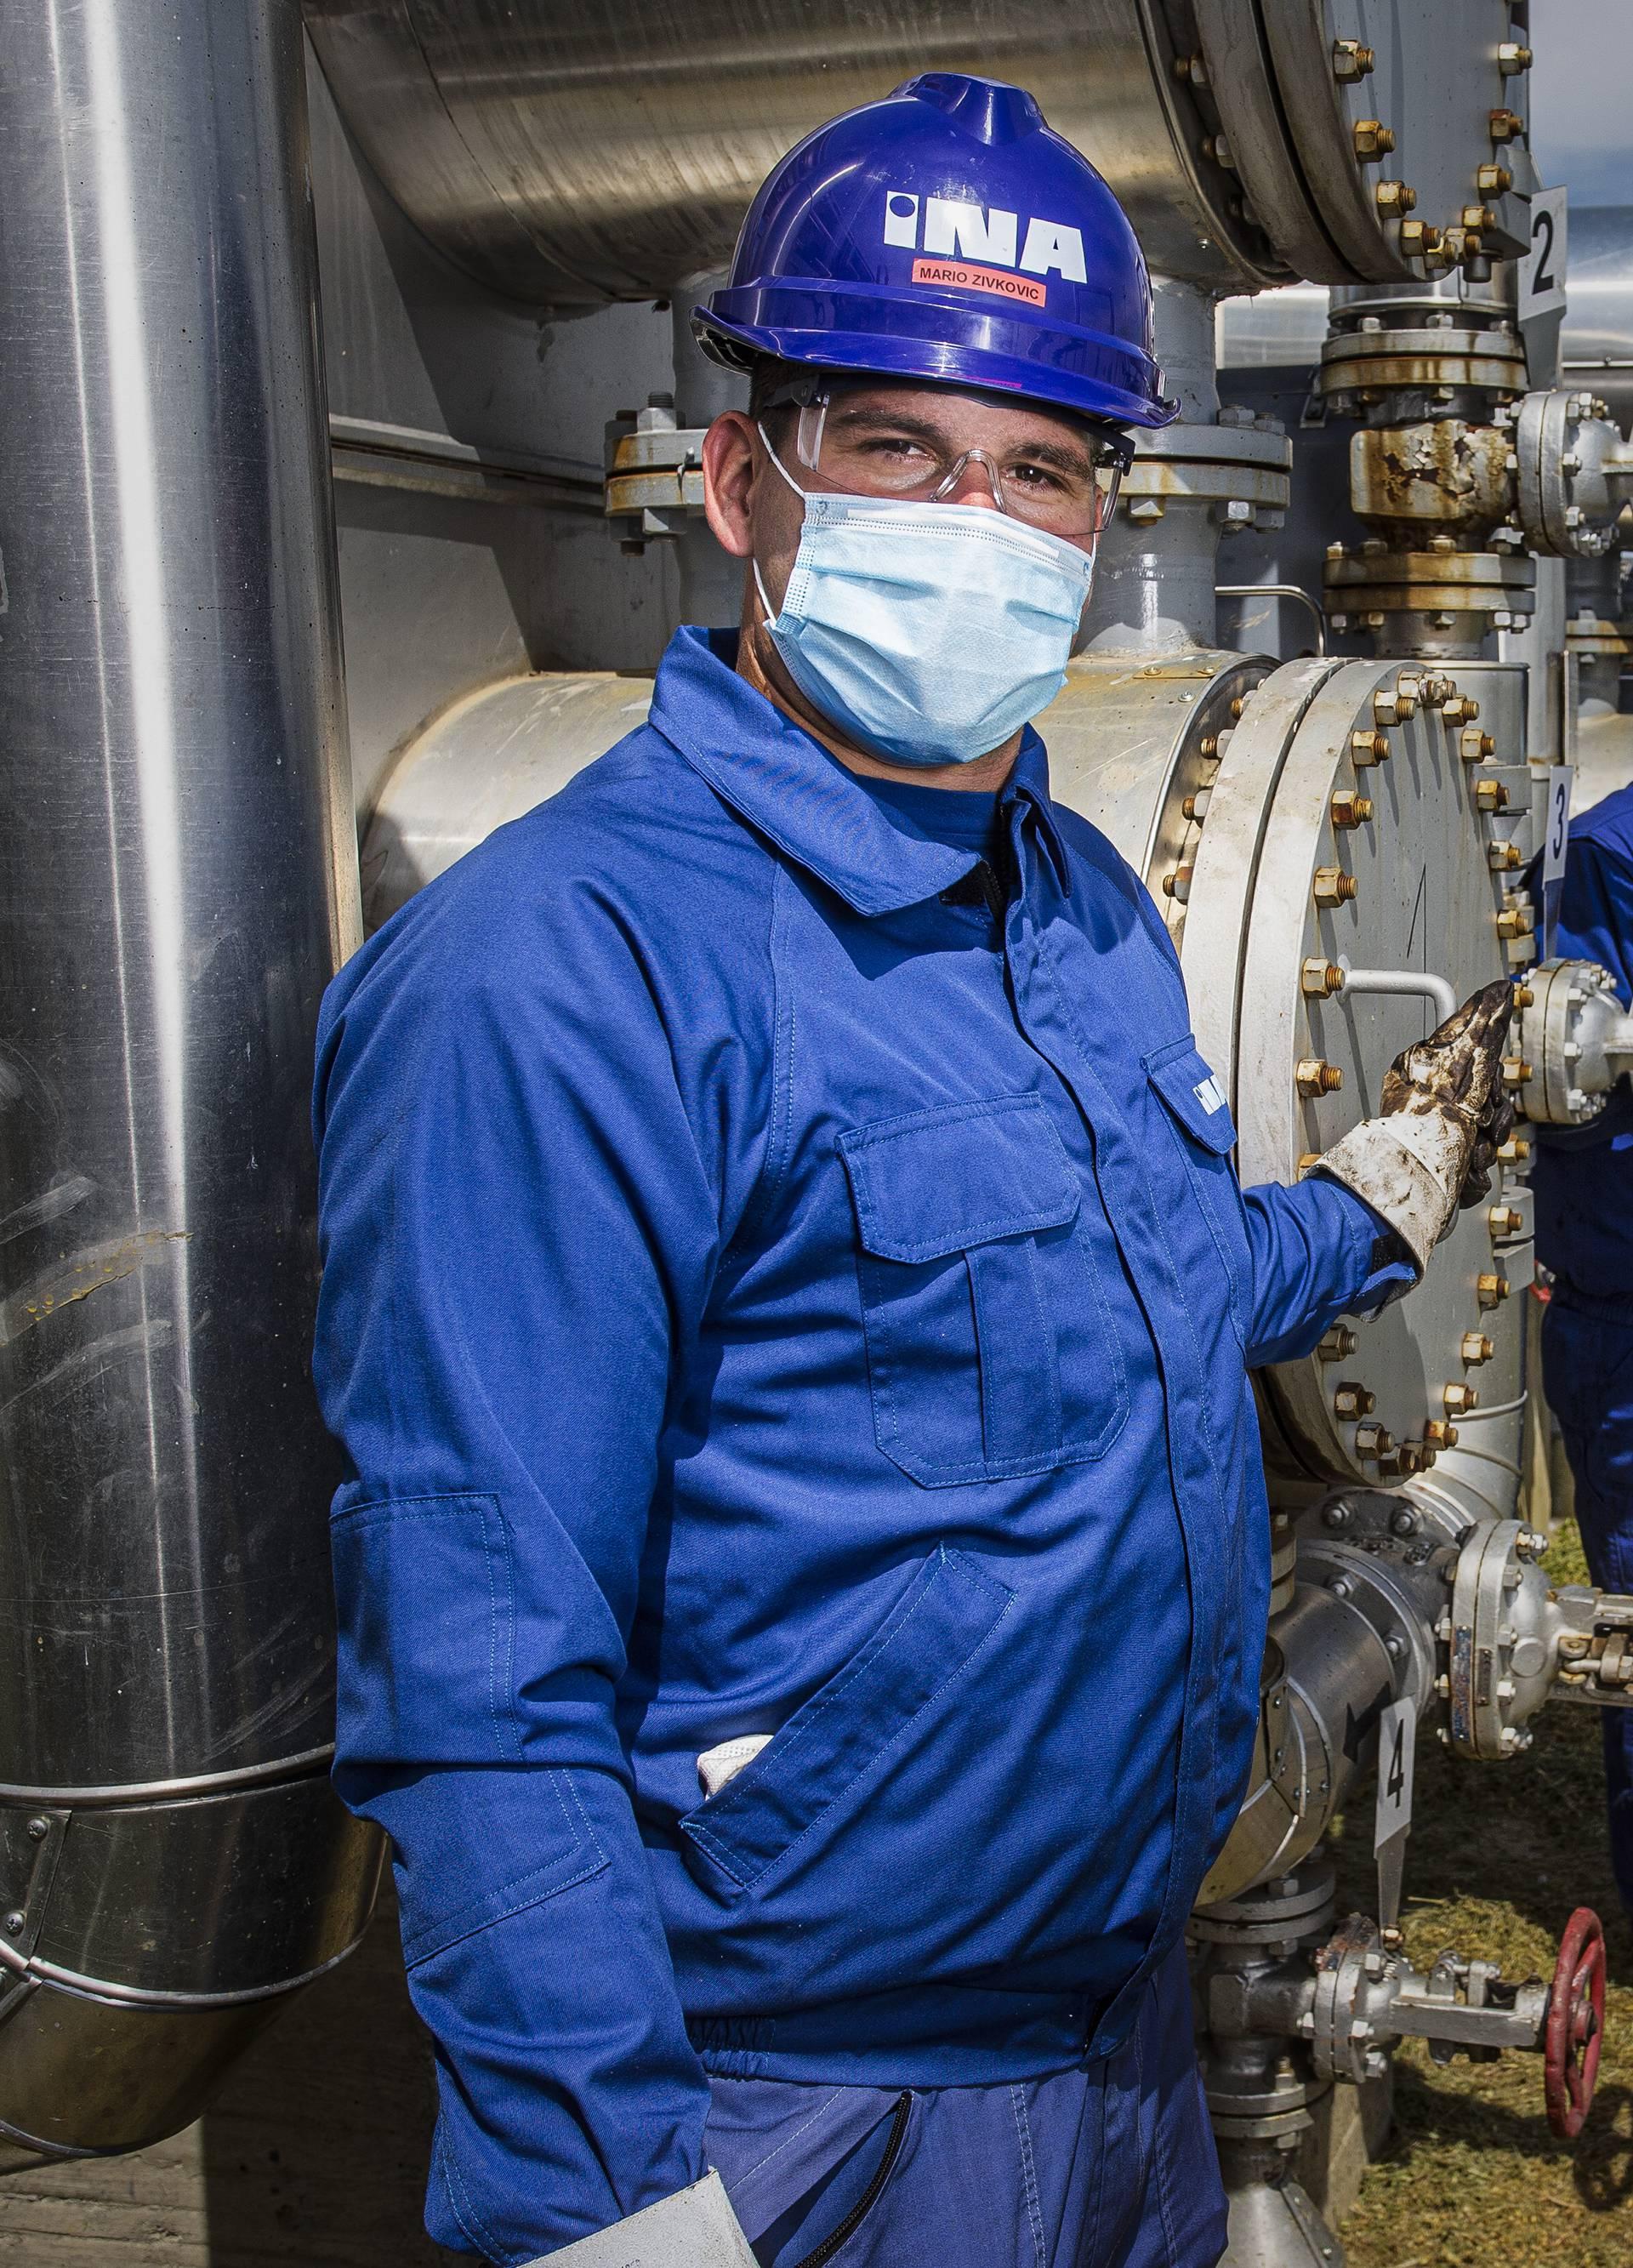 INA kontinuirano proizvodi naftu i plin unatoč epidemiji...